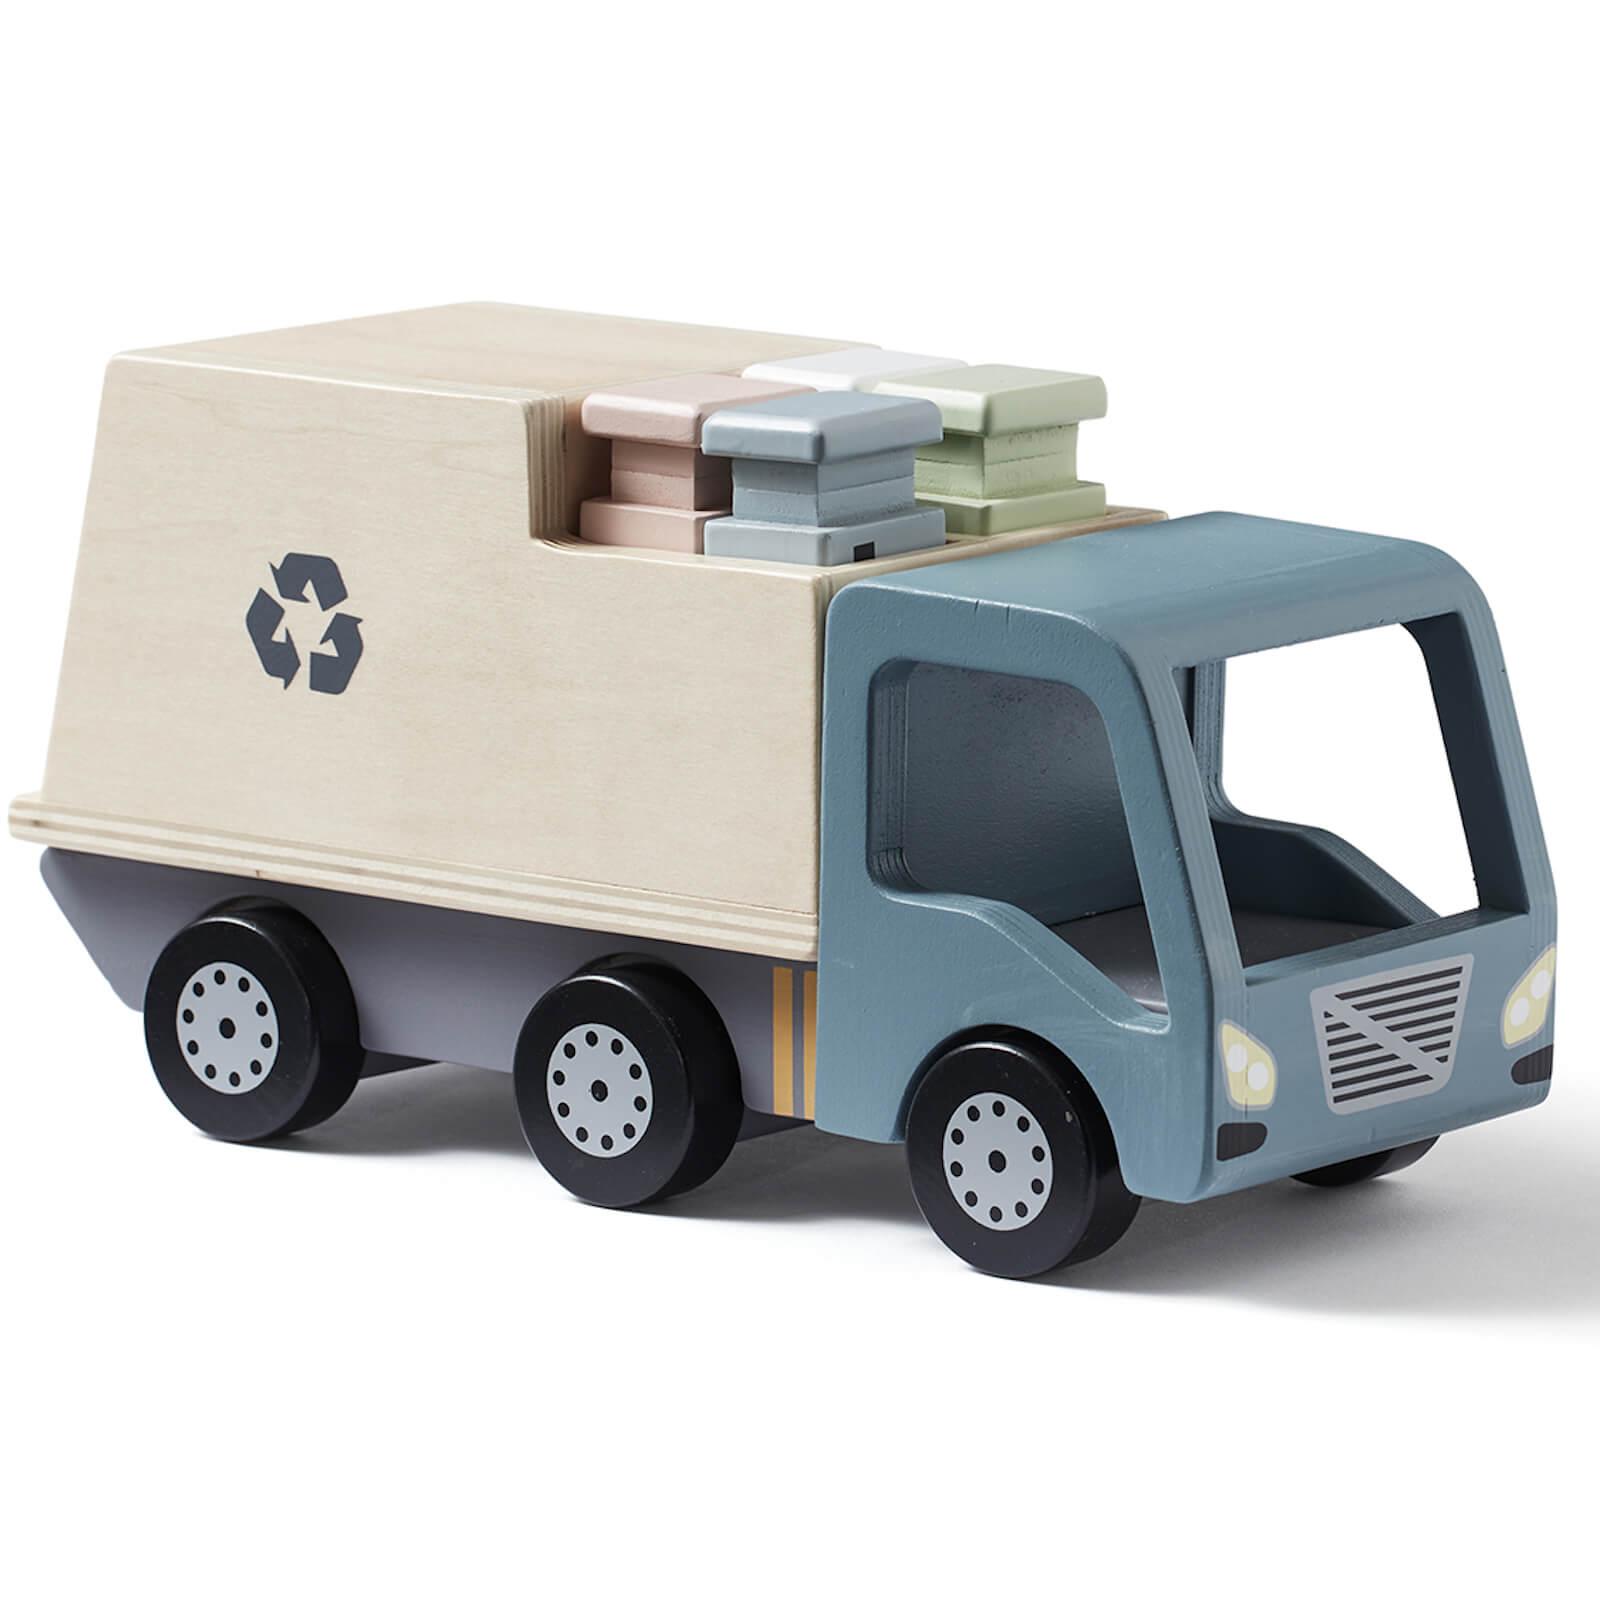 Kids Concept Garbage Truck - Grey